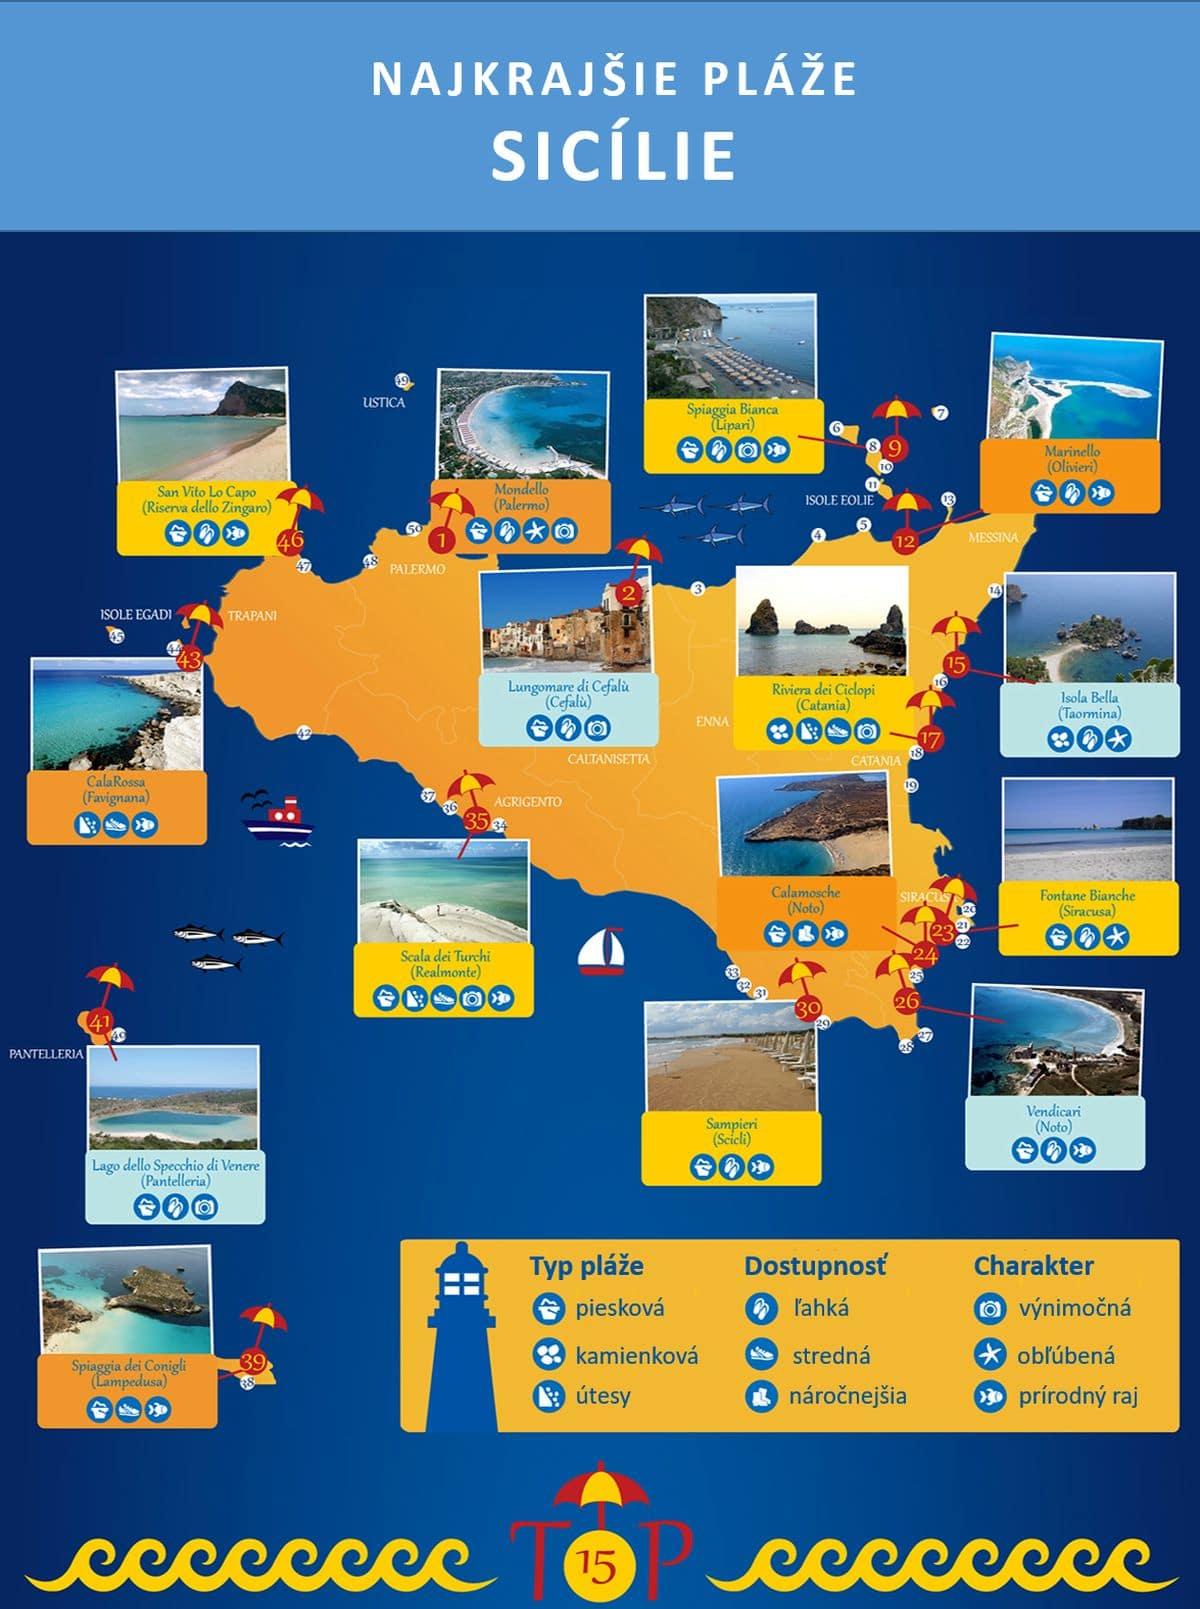 najkrajšie pláže Sicílie, 50 najkrajších pláží